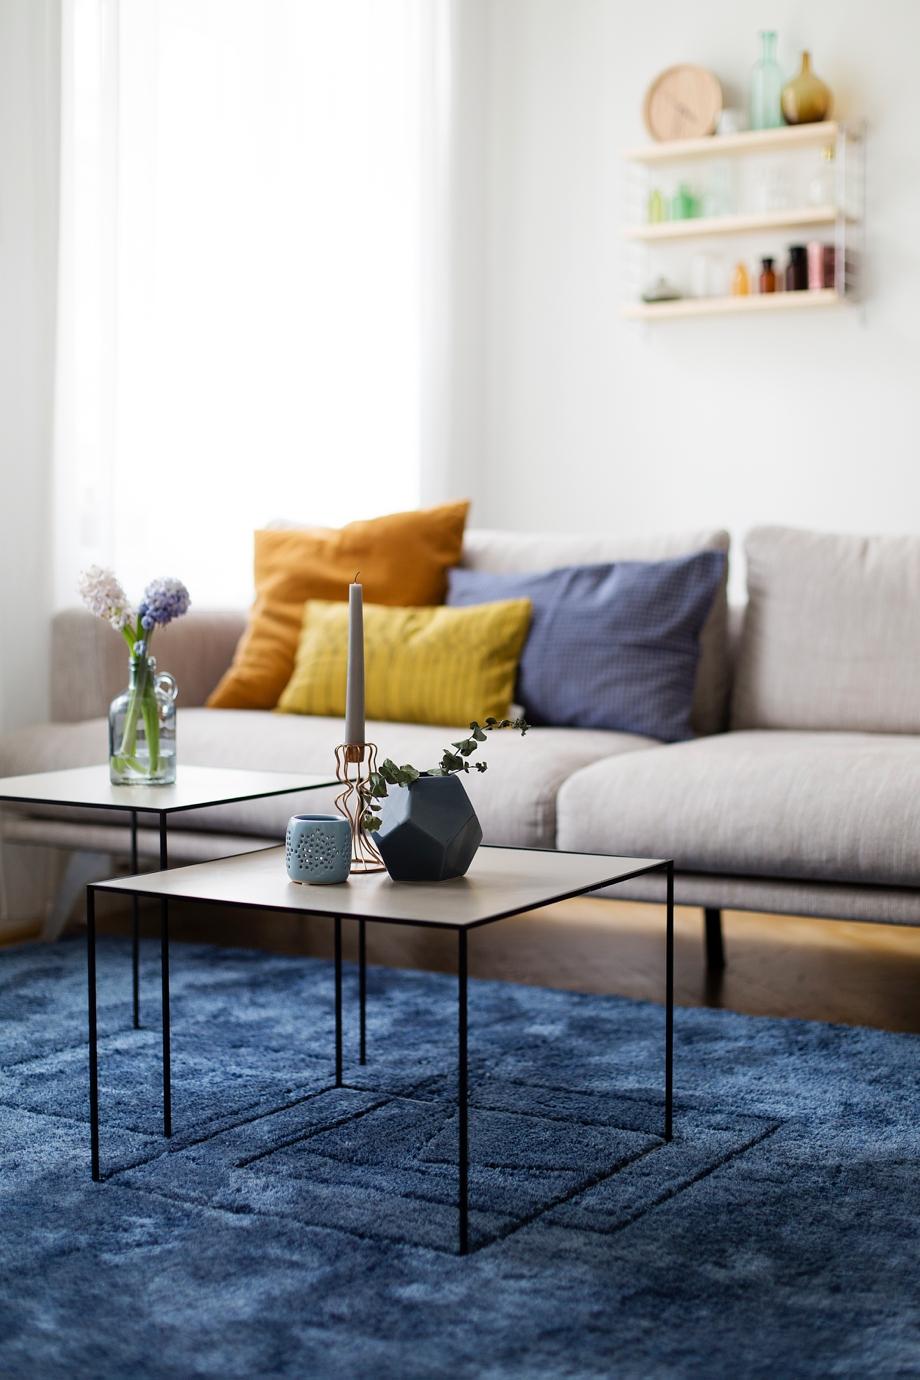 farbharmonie beim einrichten schoen bei dir wienerwohnsinn 0001 sch n bei dir by depot. Black Bedroom Furniture Sets. Home Design Ideas